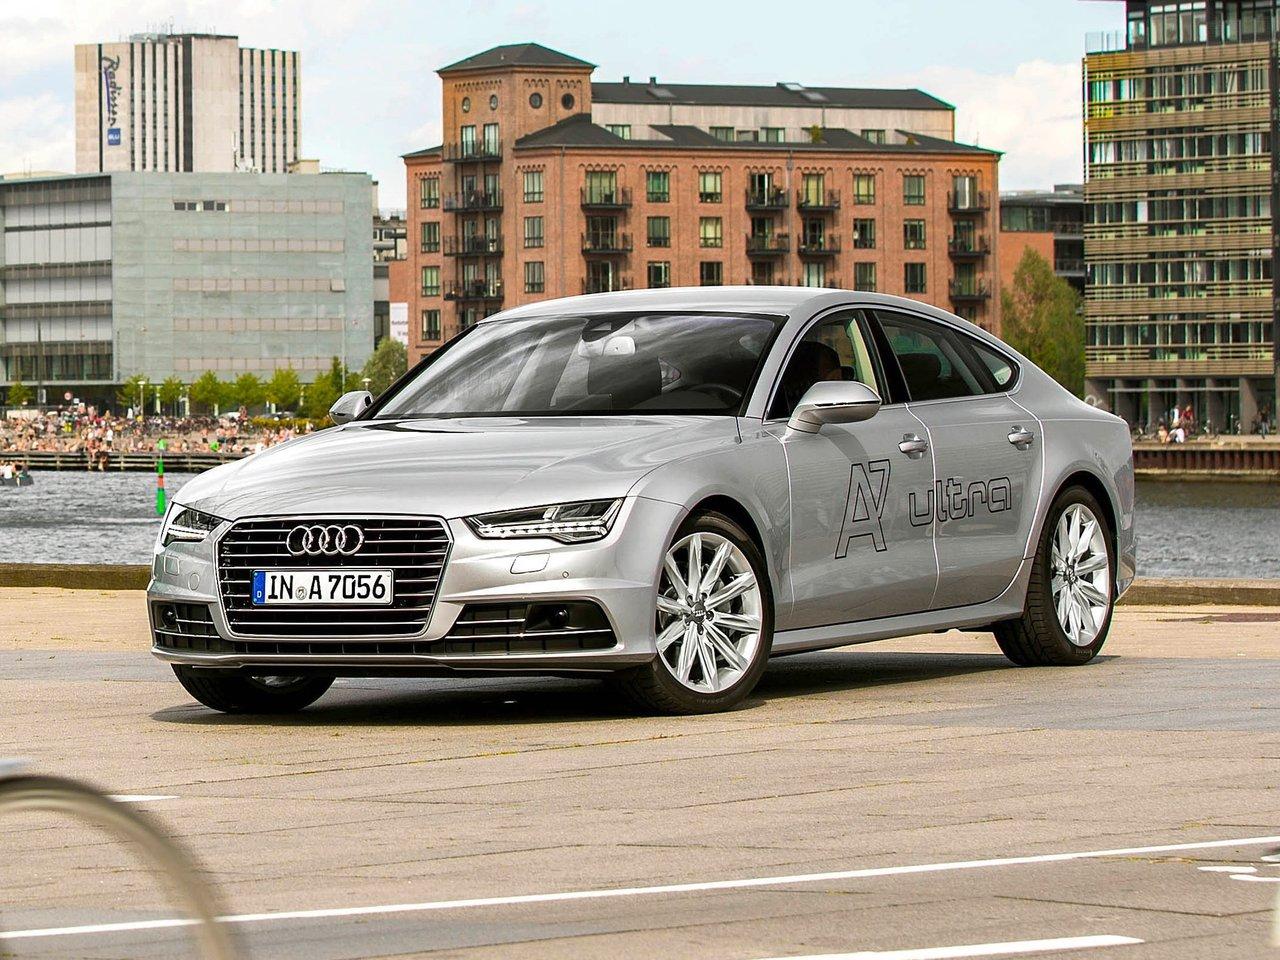 Снимки: Audi A7 Facelift